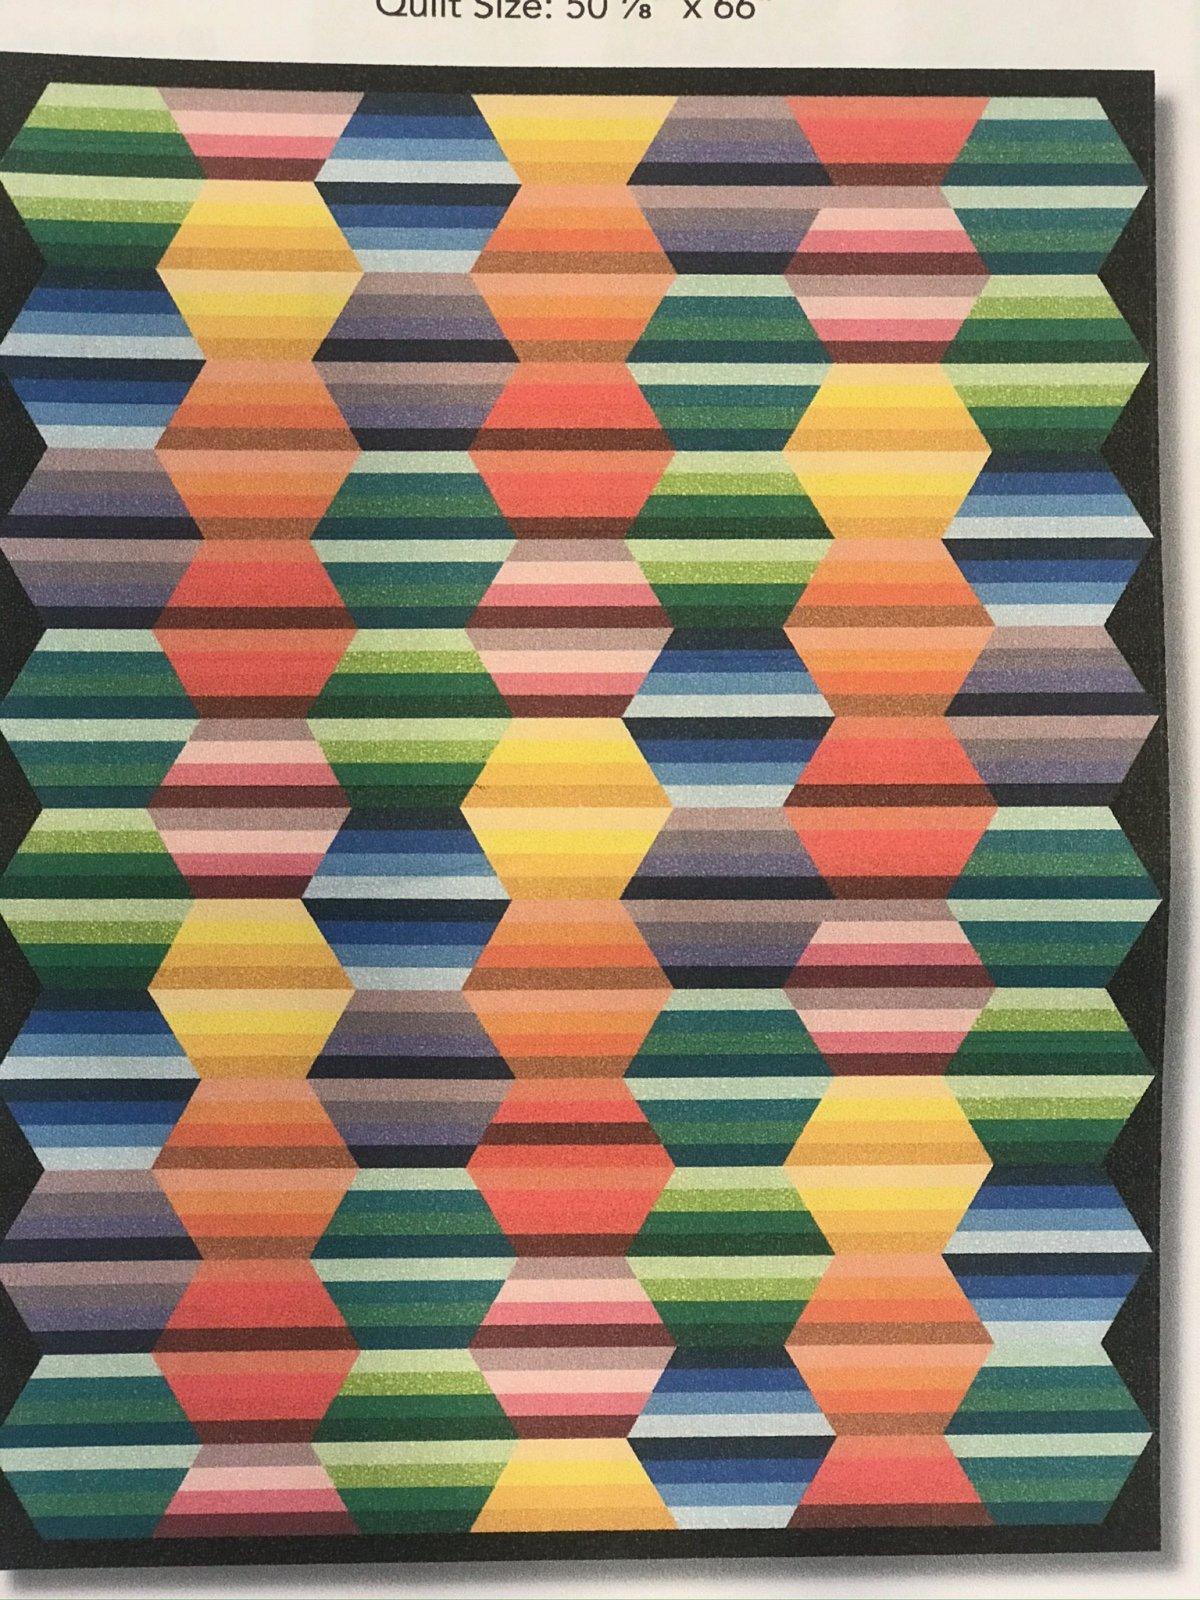 Bedrock Hexagon Quilt Kit